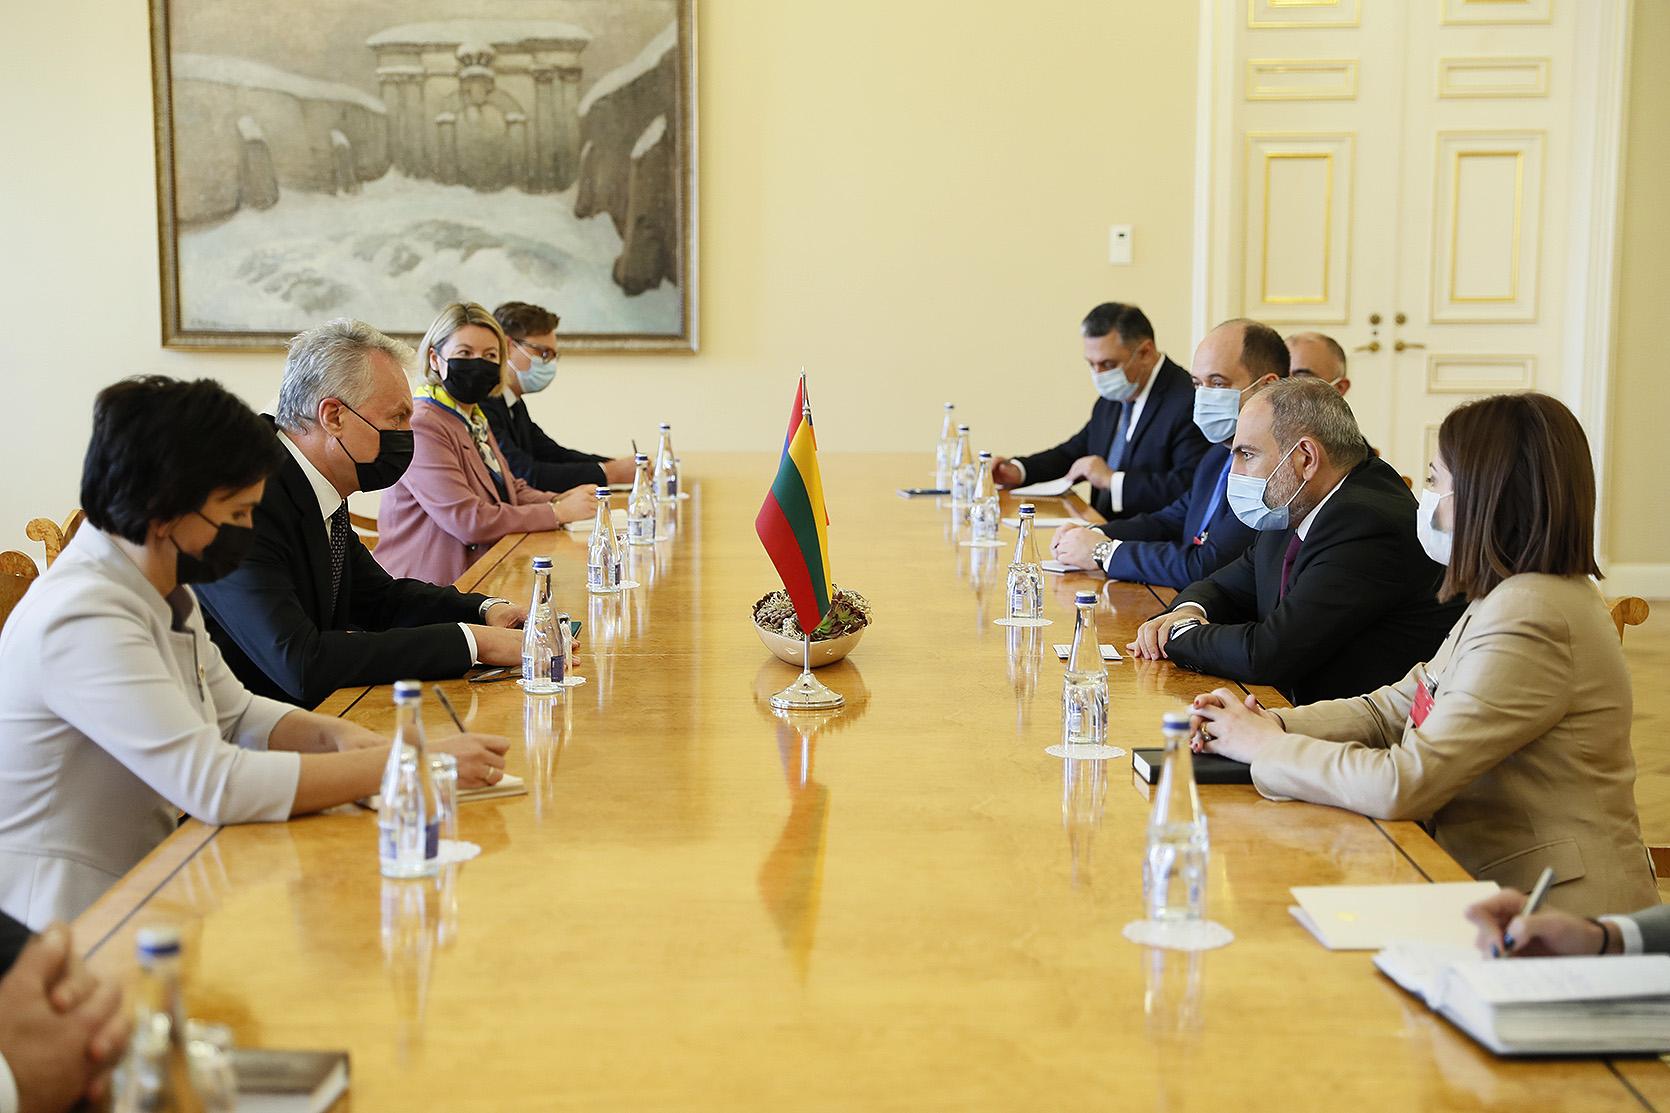 PM Pashinyan meets with President of Lithuania Gitanas Nausėda